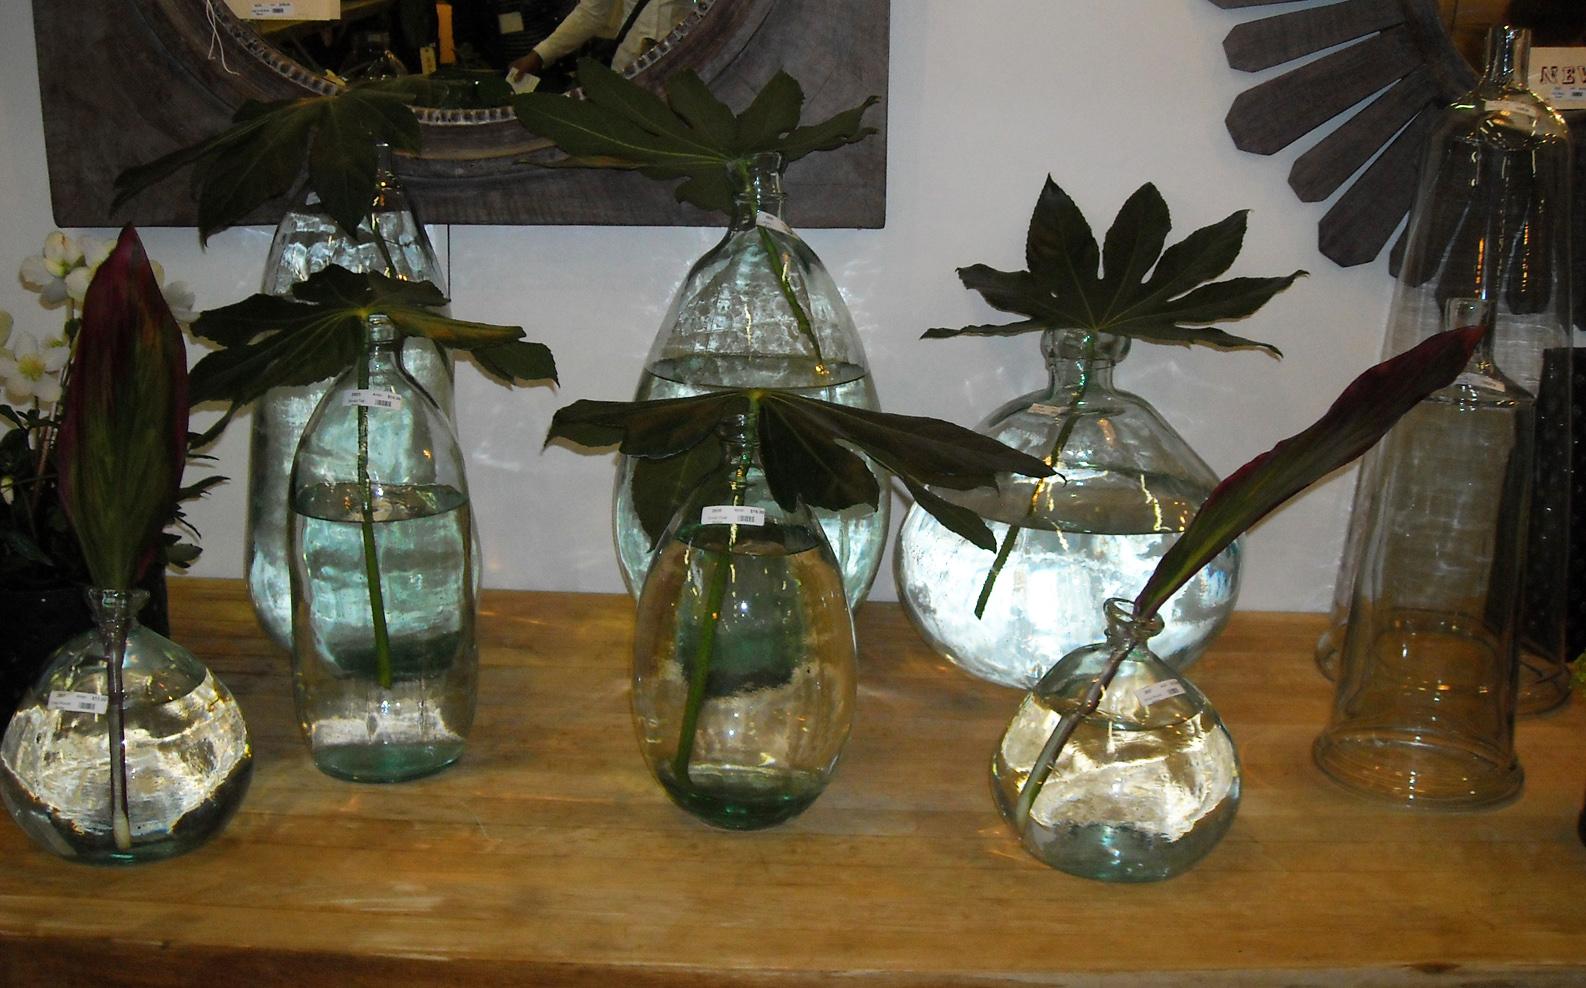 ideias criativas para decoracao de interiores : ideias criativas para decoracao de interiores:Decoracao-de-reciclagem (12) – Idéias de Decoração, faça você